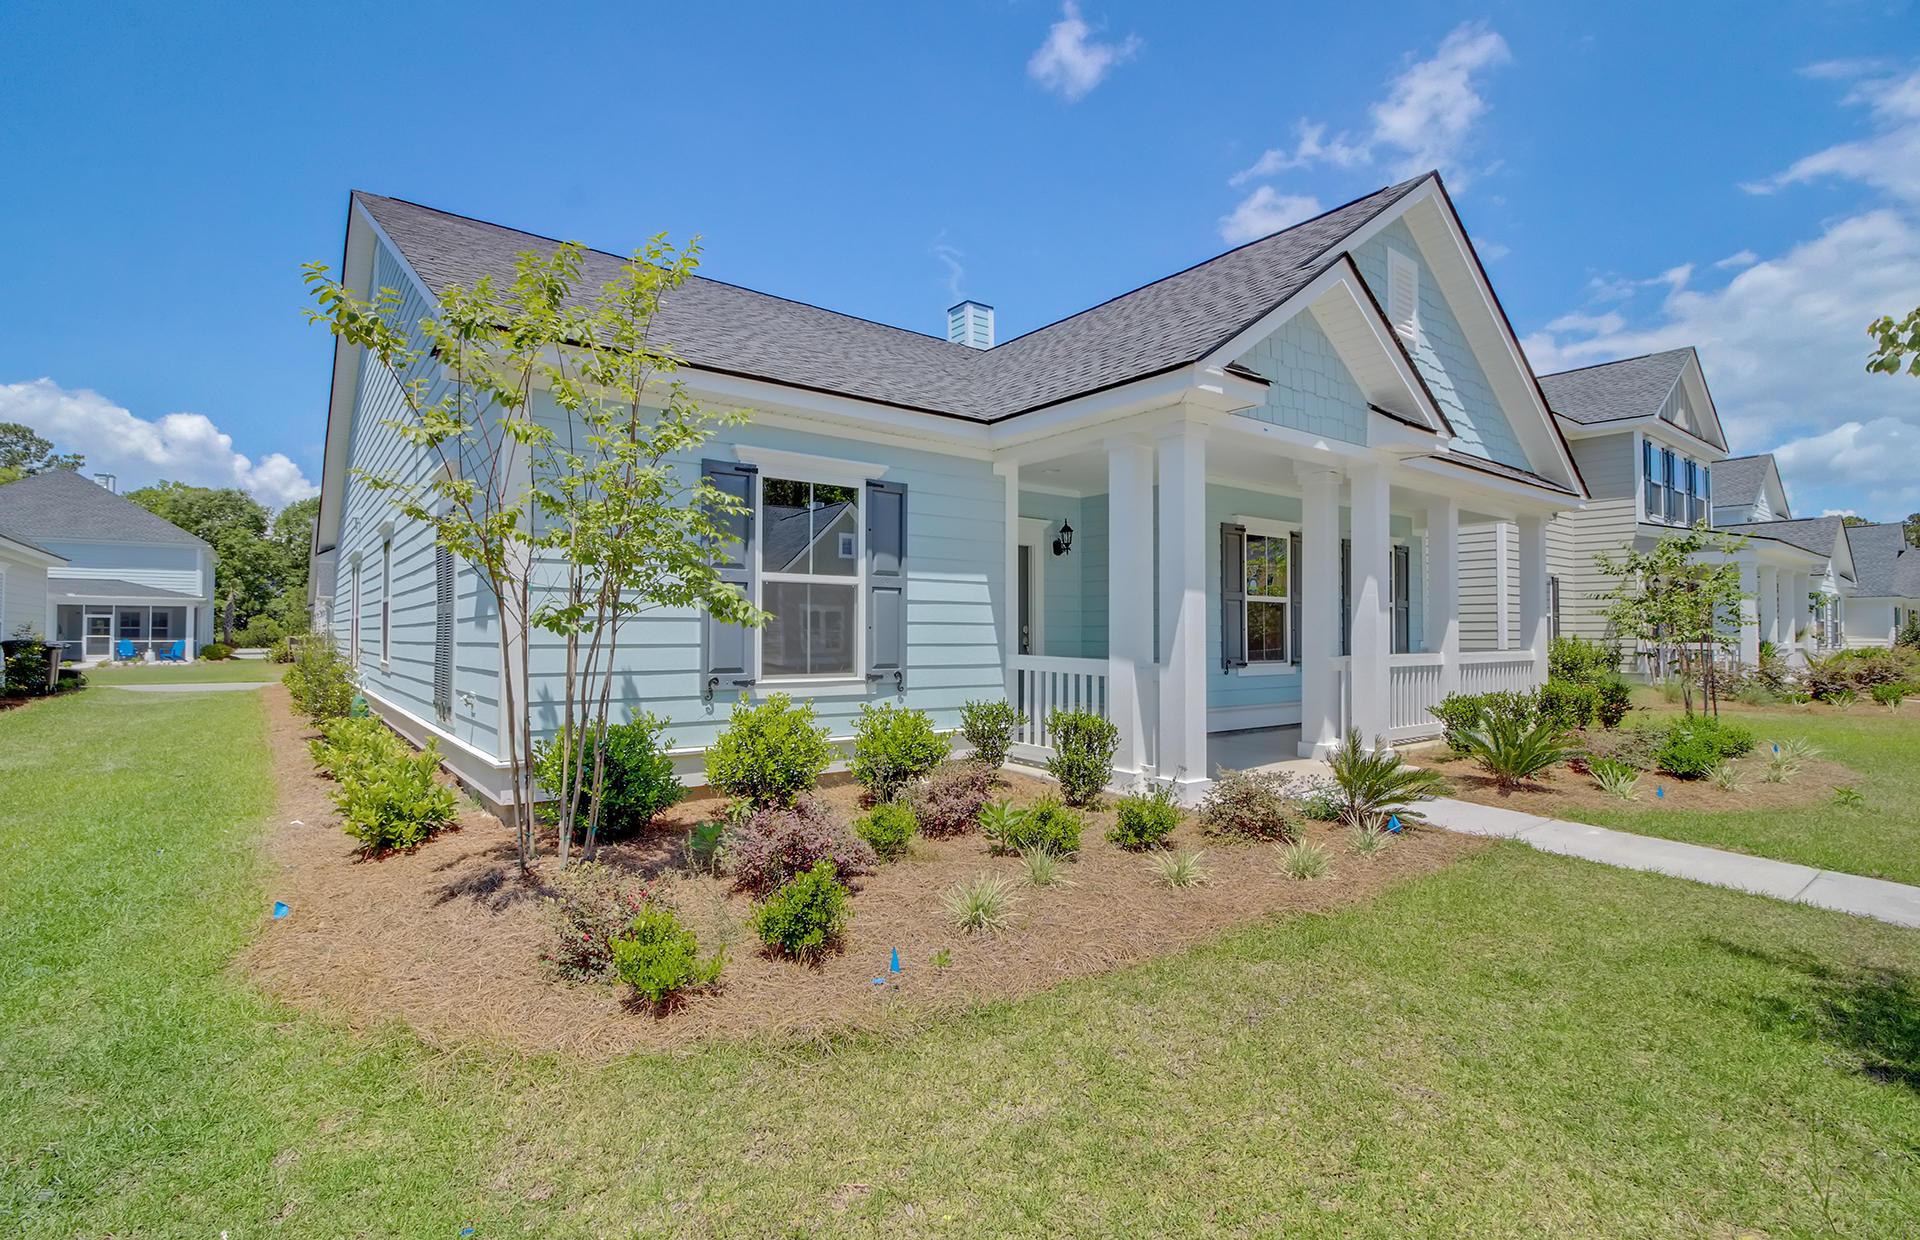 Park West Homes For Sale - 3032 Caspian, Mount Pleasant, SC - 37